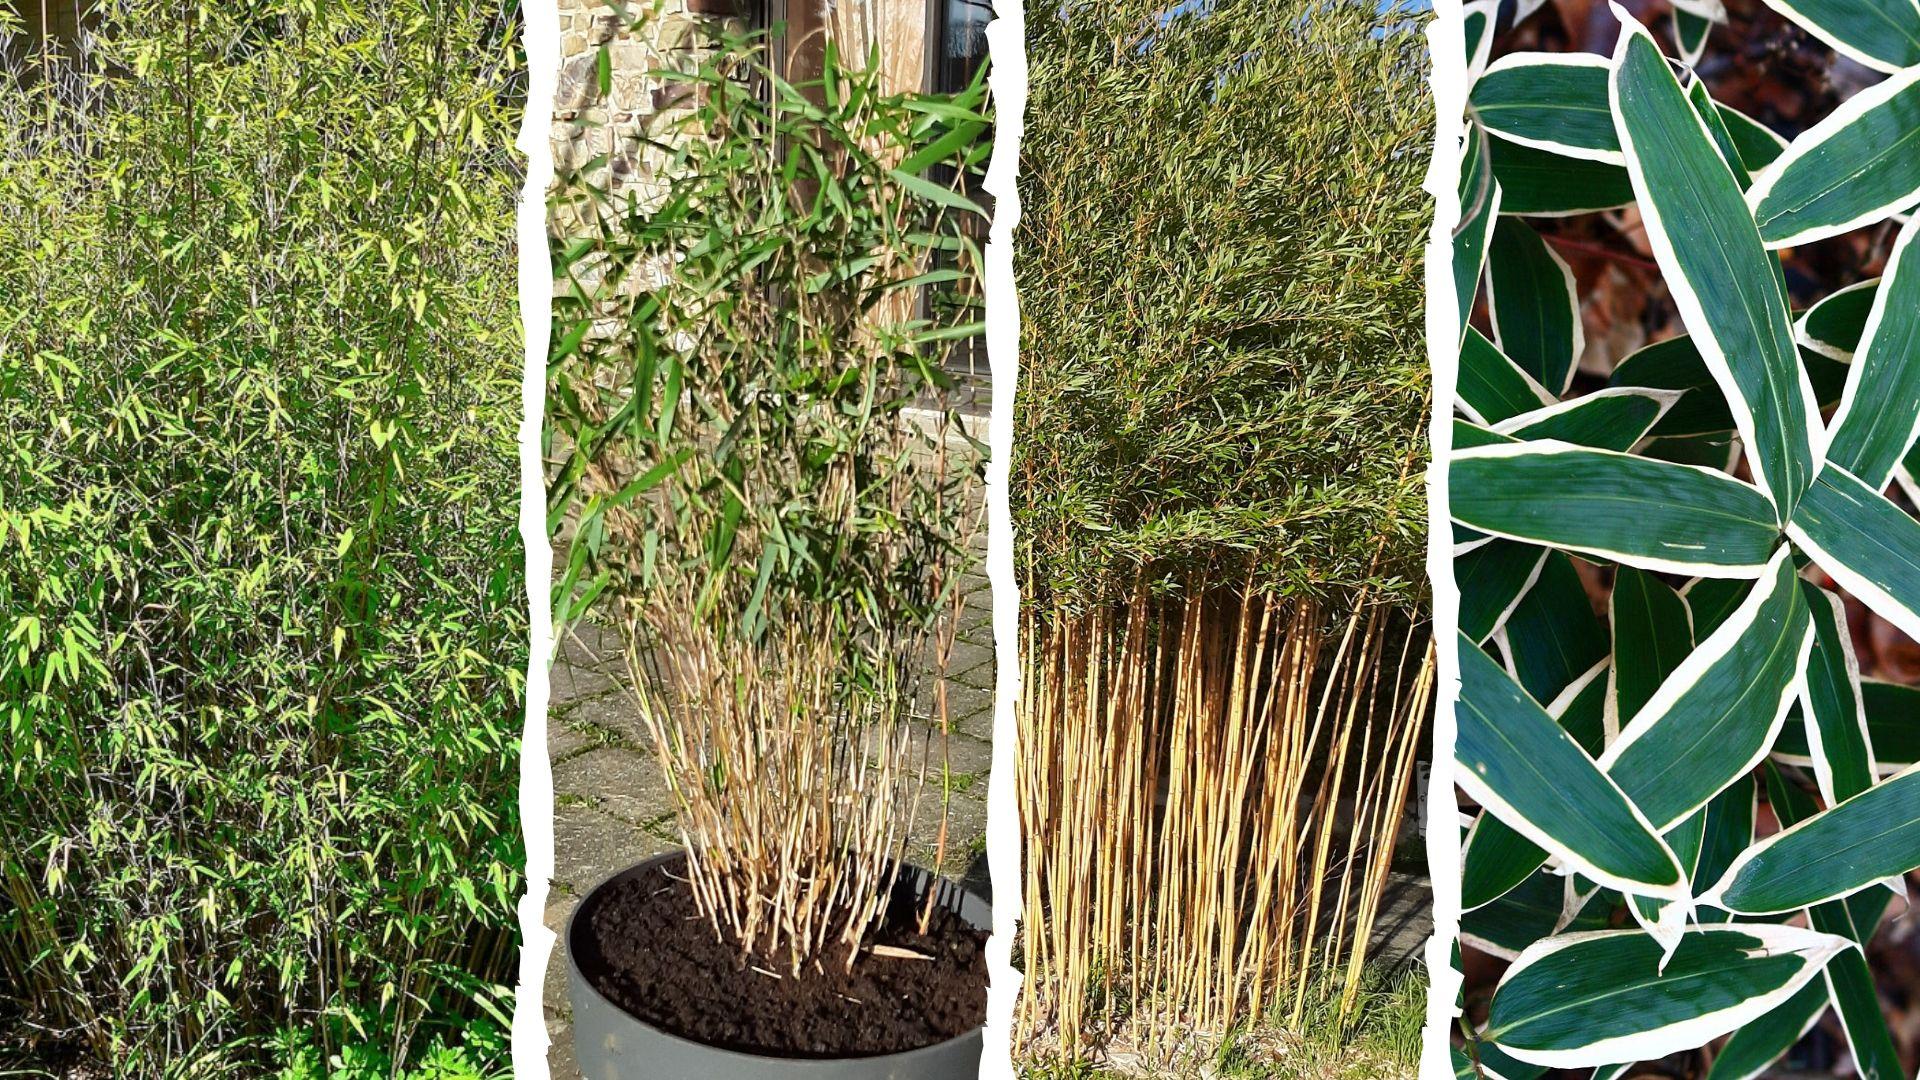 Comment Faire Pousser Bambou quel bambou choisir ? guide illustré - bambou en france